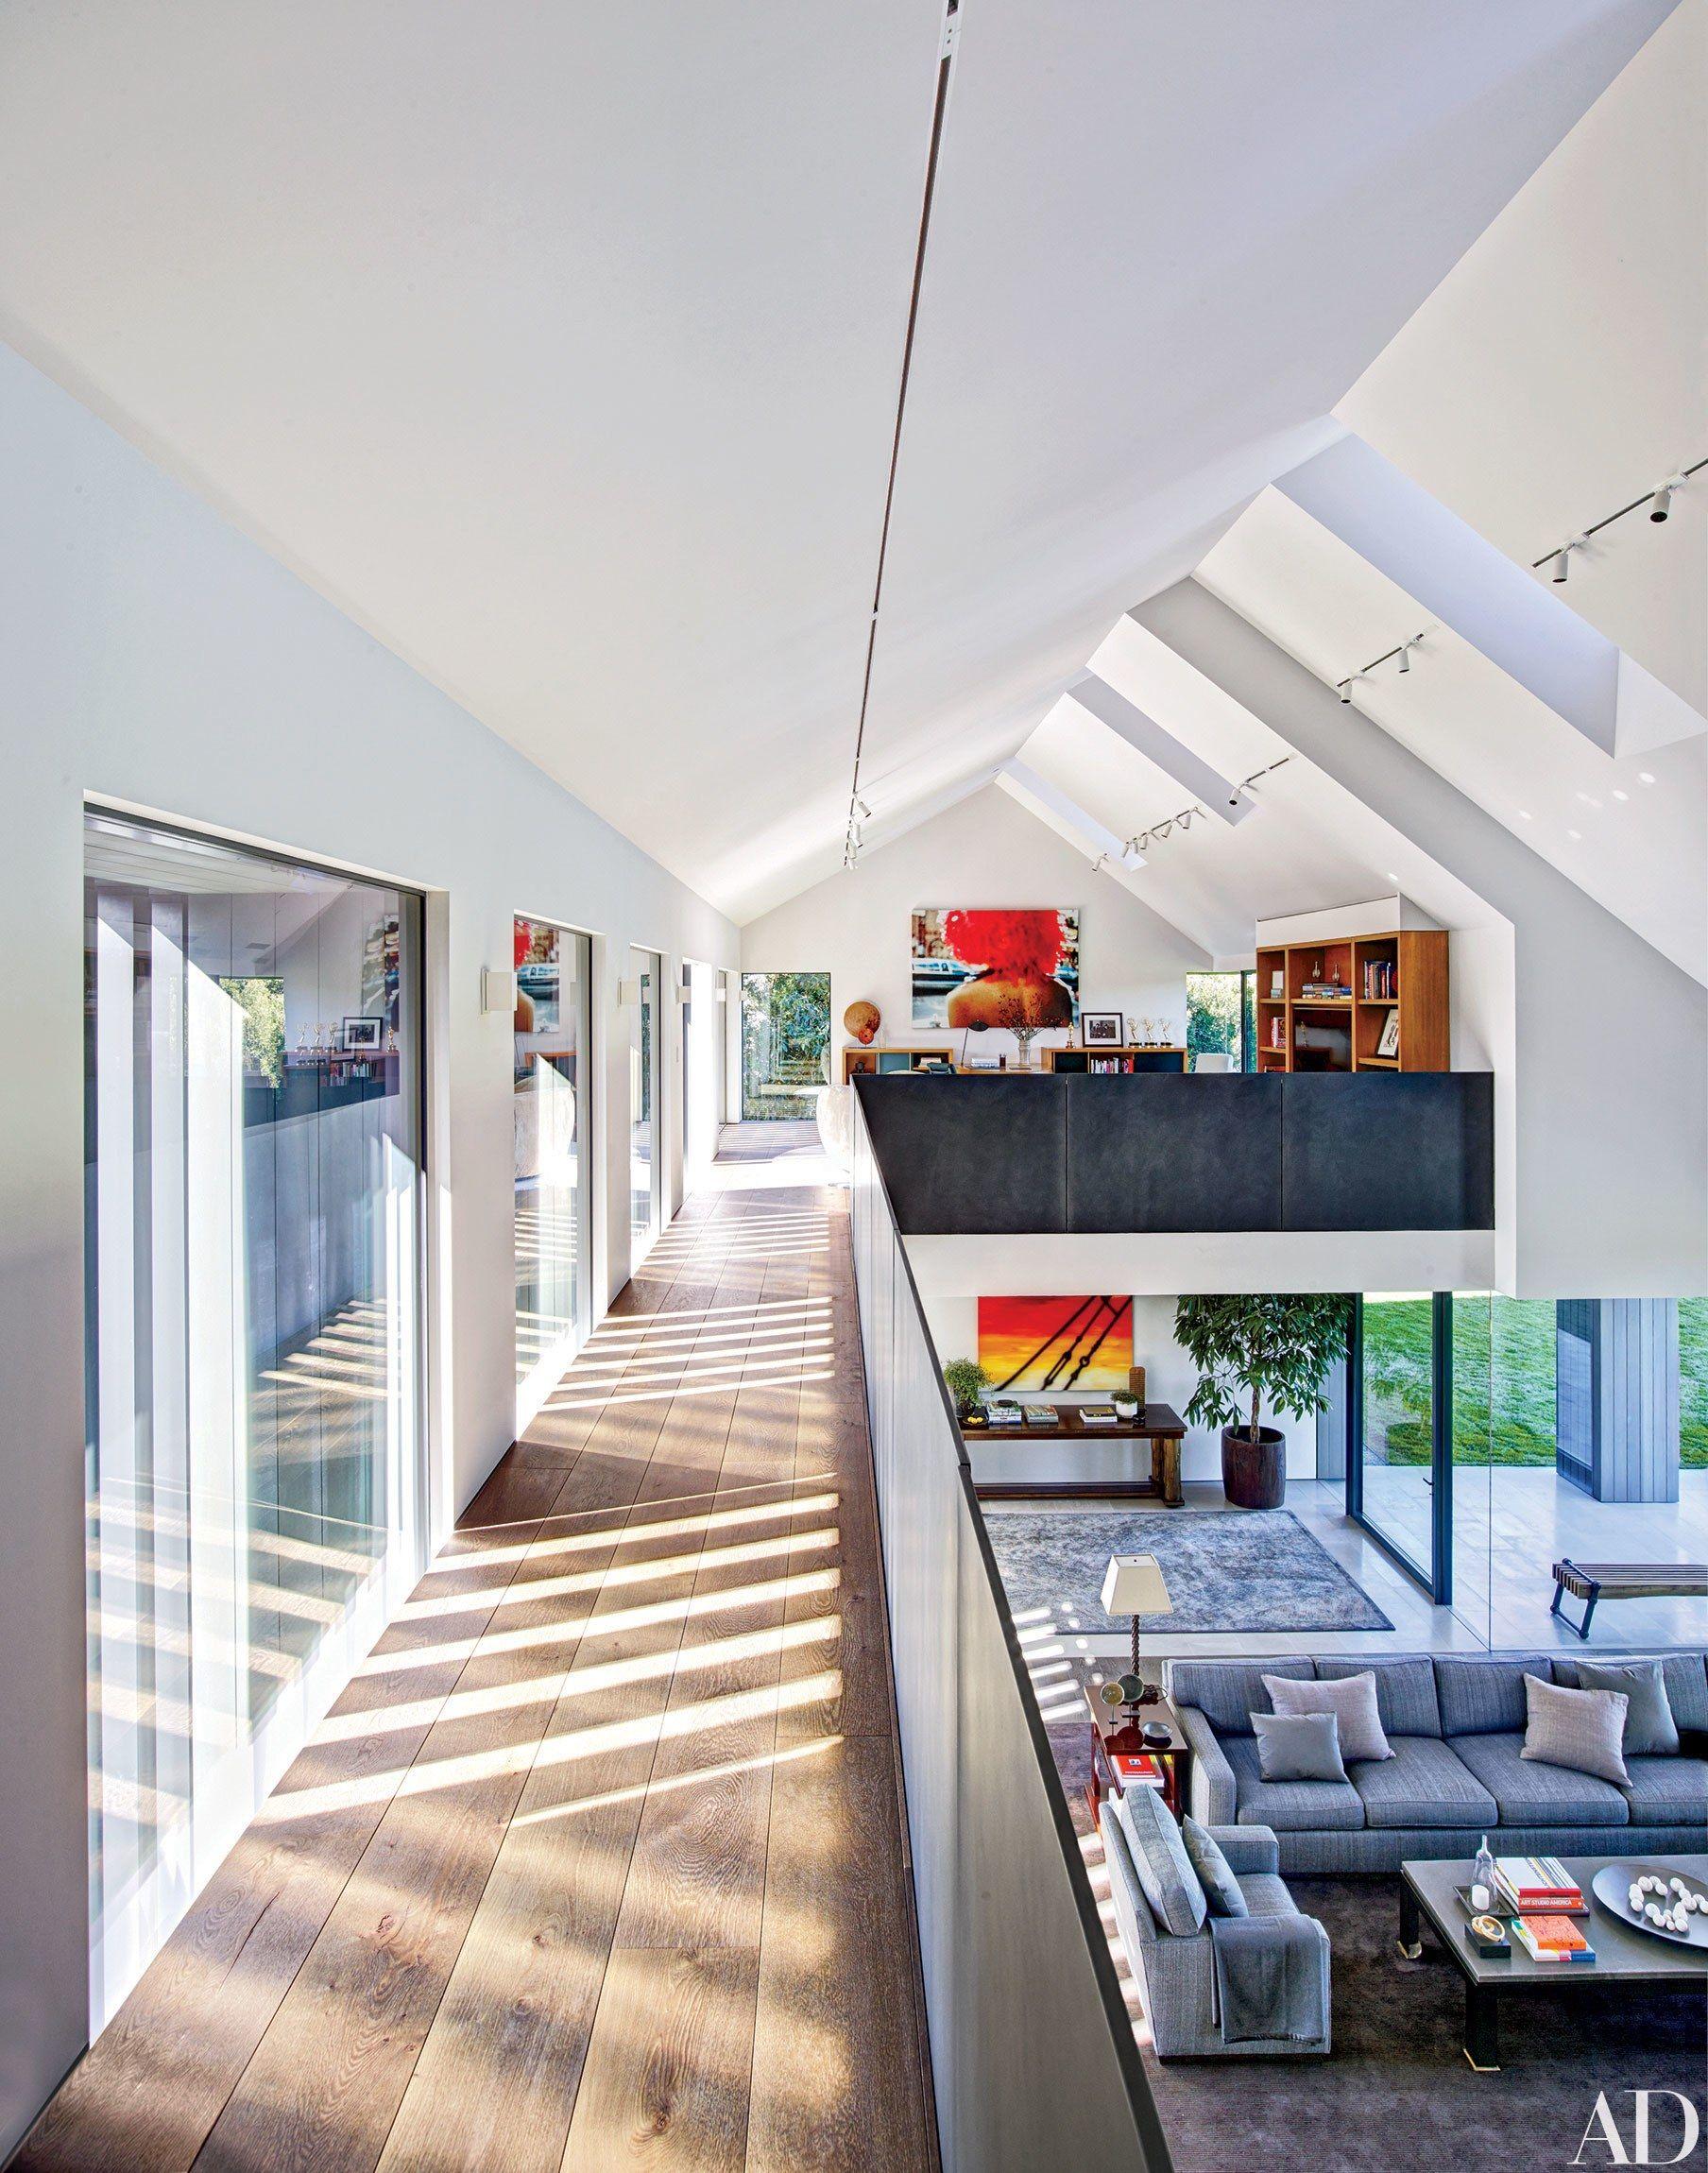 7 Ways To Create An Artful Mezzanine Floor Architecture Design House Design Architectural Digest